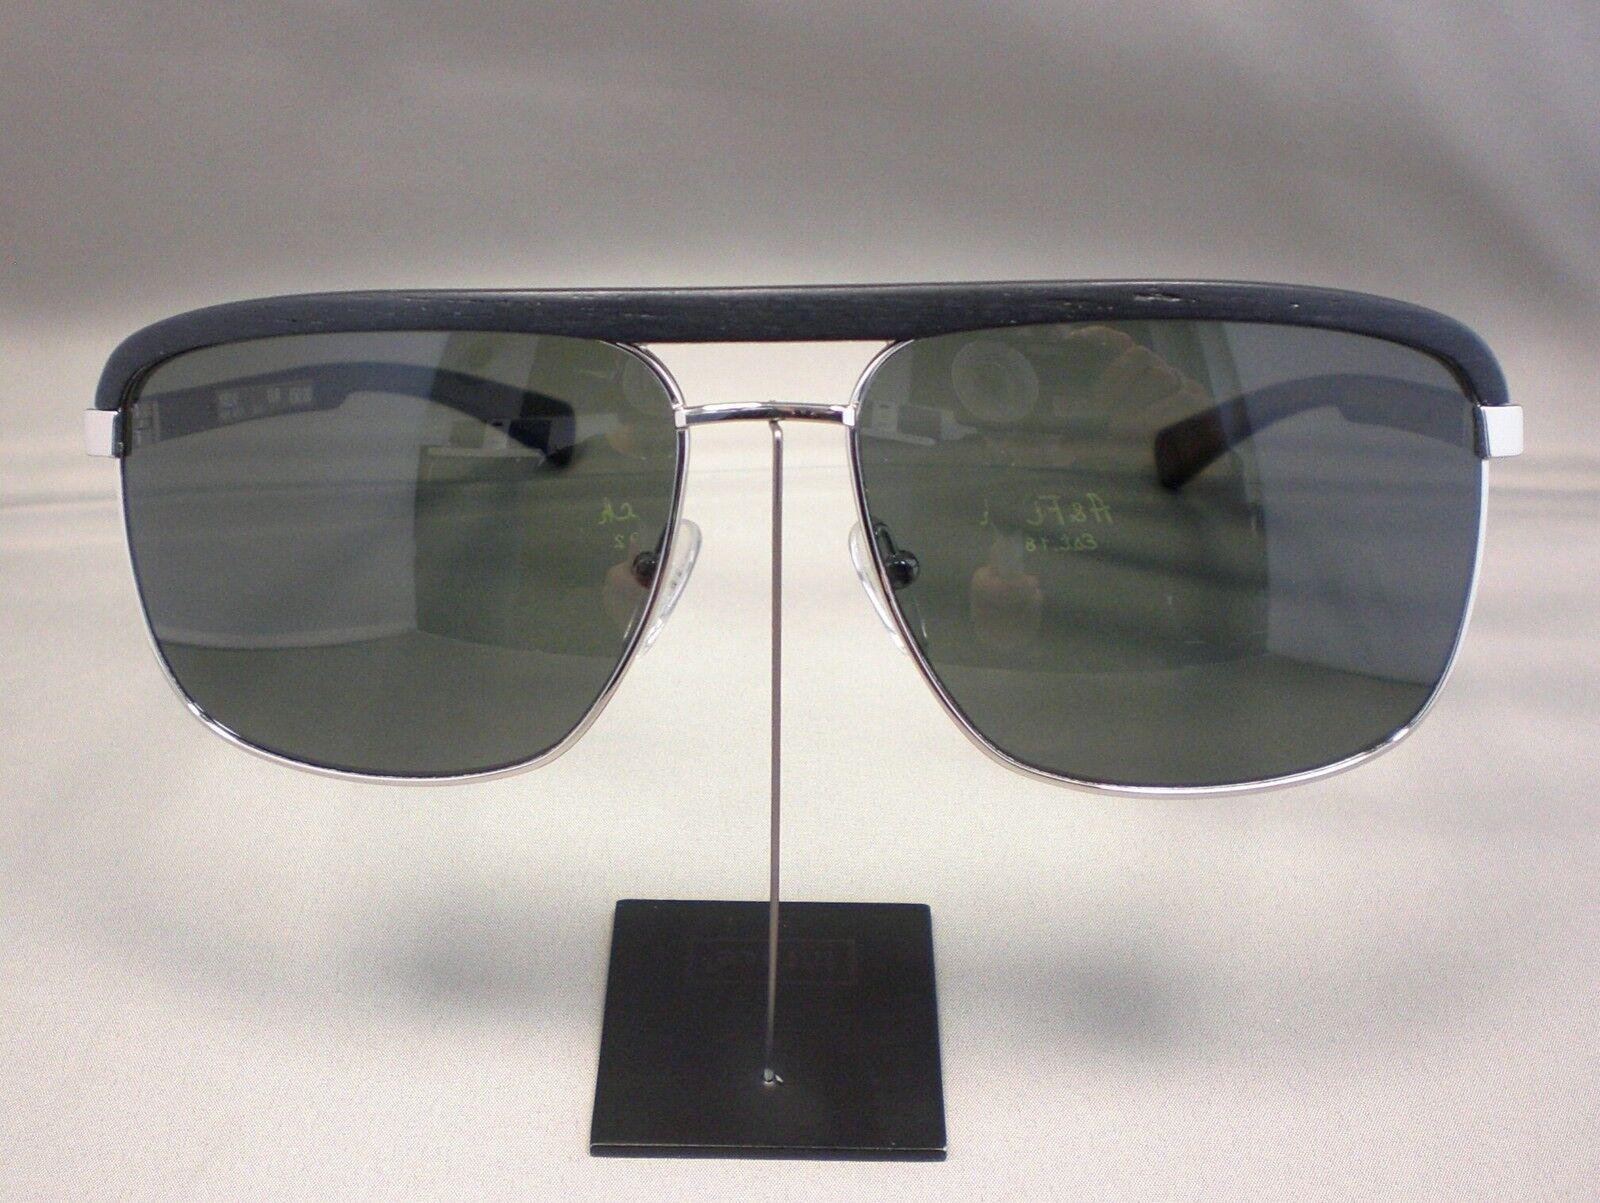 Original Gold&WOOD Sonnenbrille H31P Farbe 16 16 16 silber schwarz   | 2019  692bf4